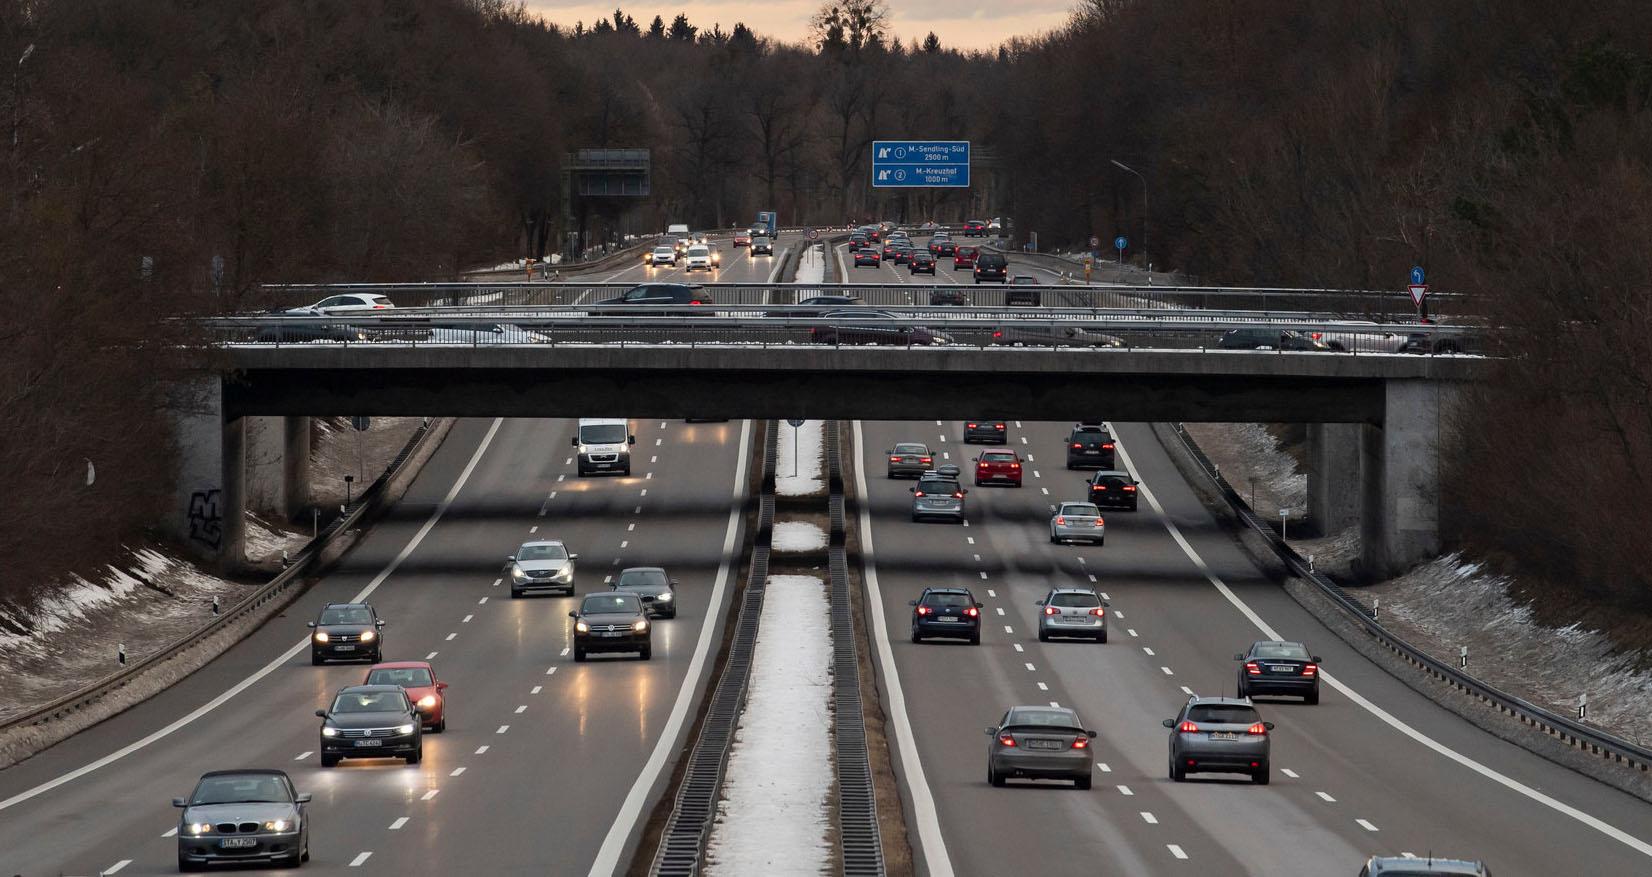 Каква беше продажбата на нови автомобили во Европа во 2020 година? Каде е тука Македонија?